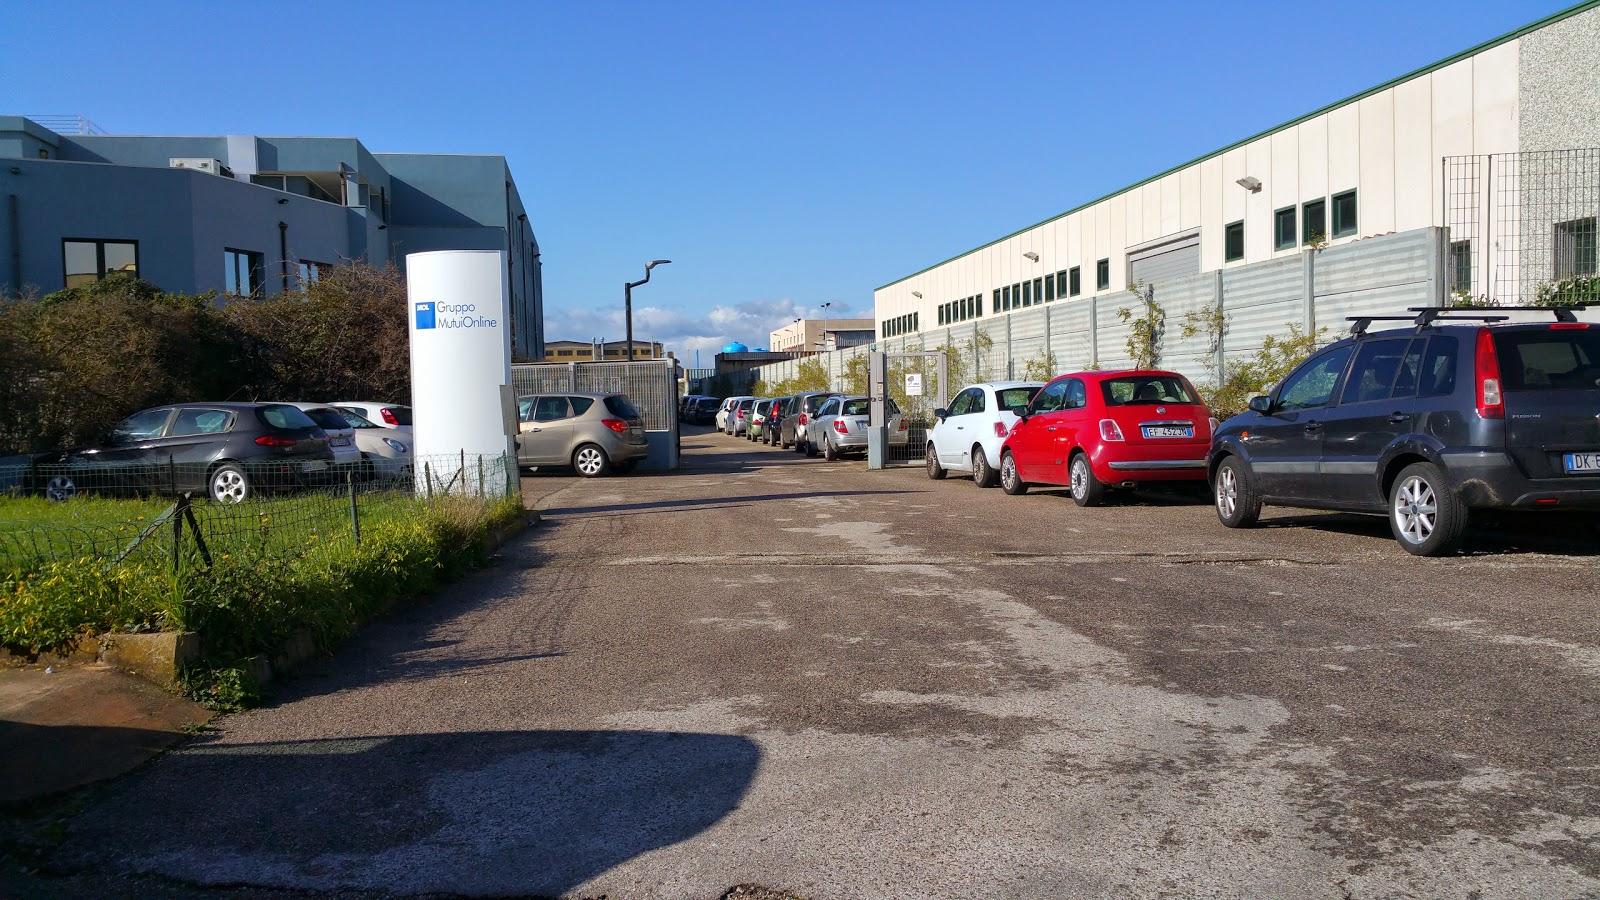 Mutui On Line - Call Center Cagliari